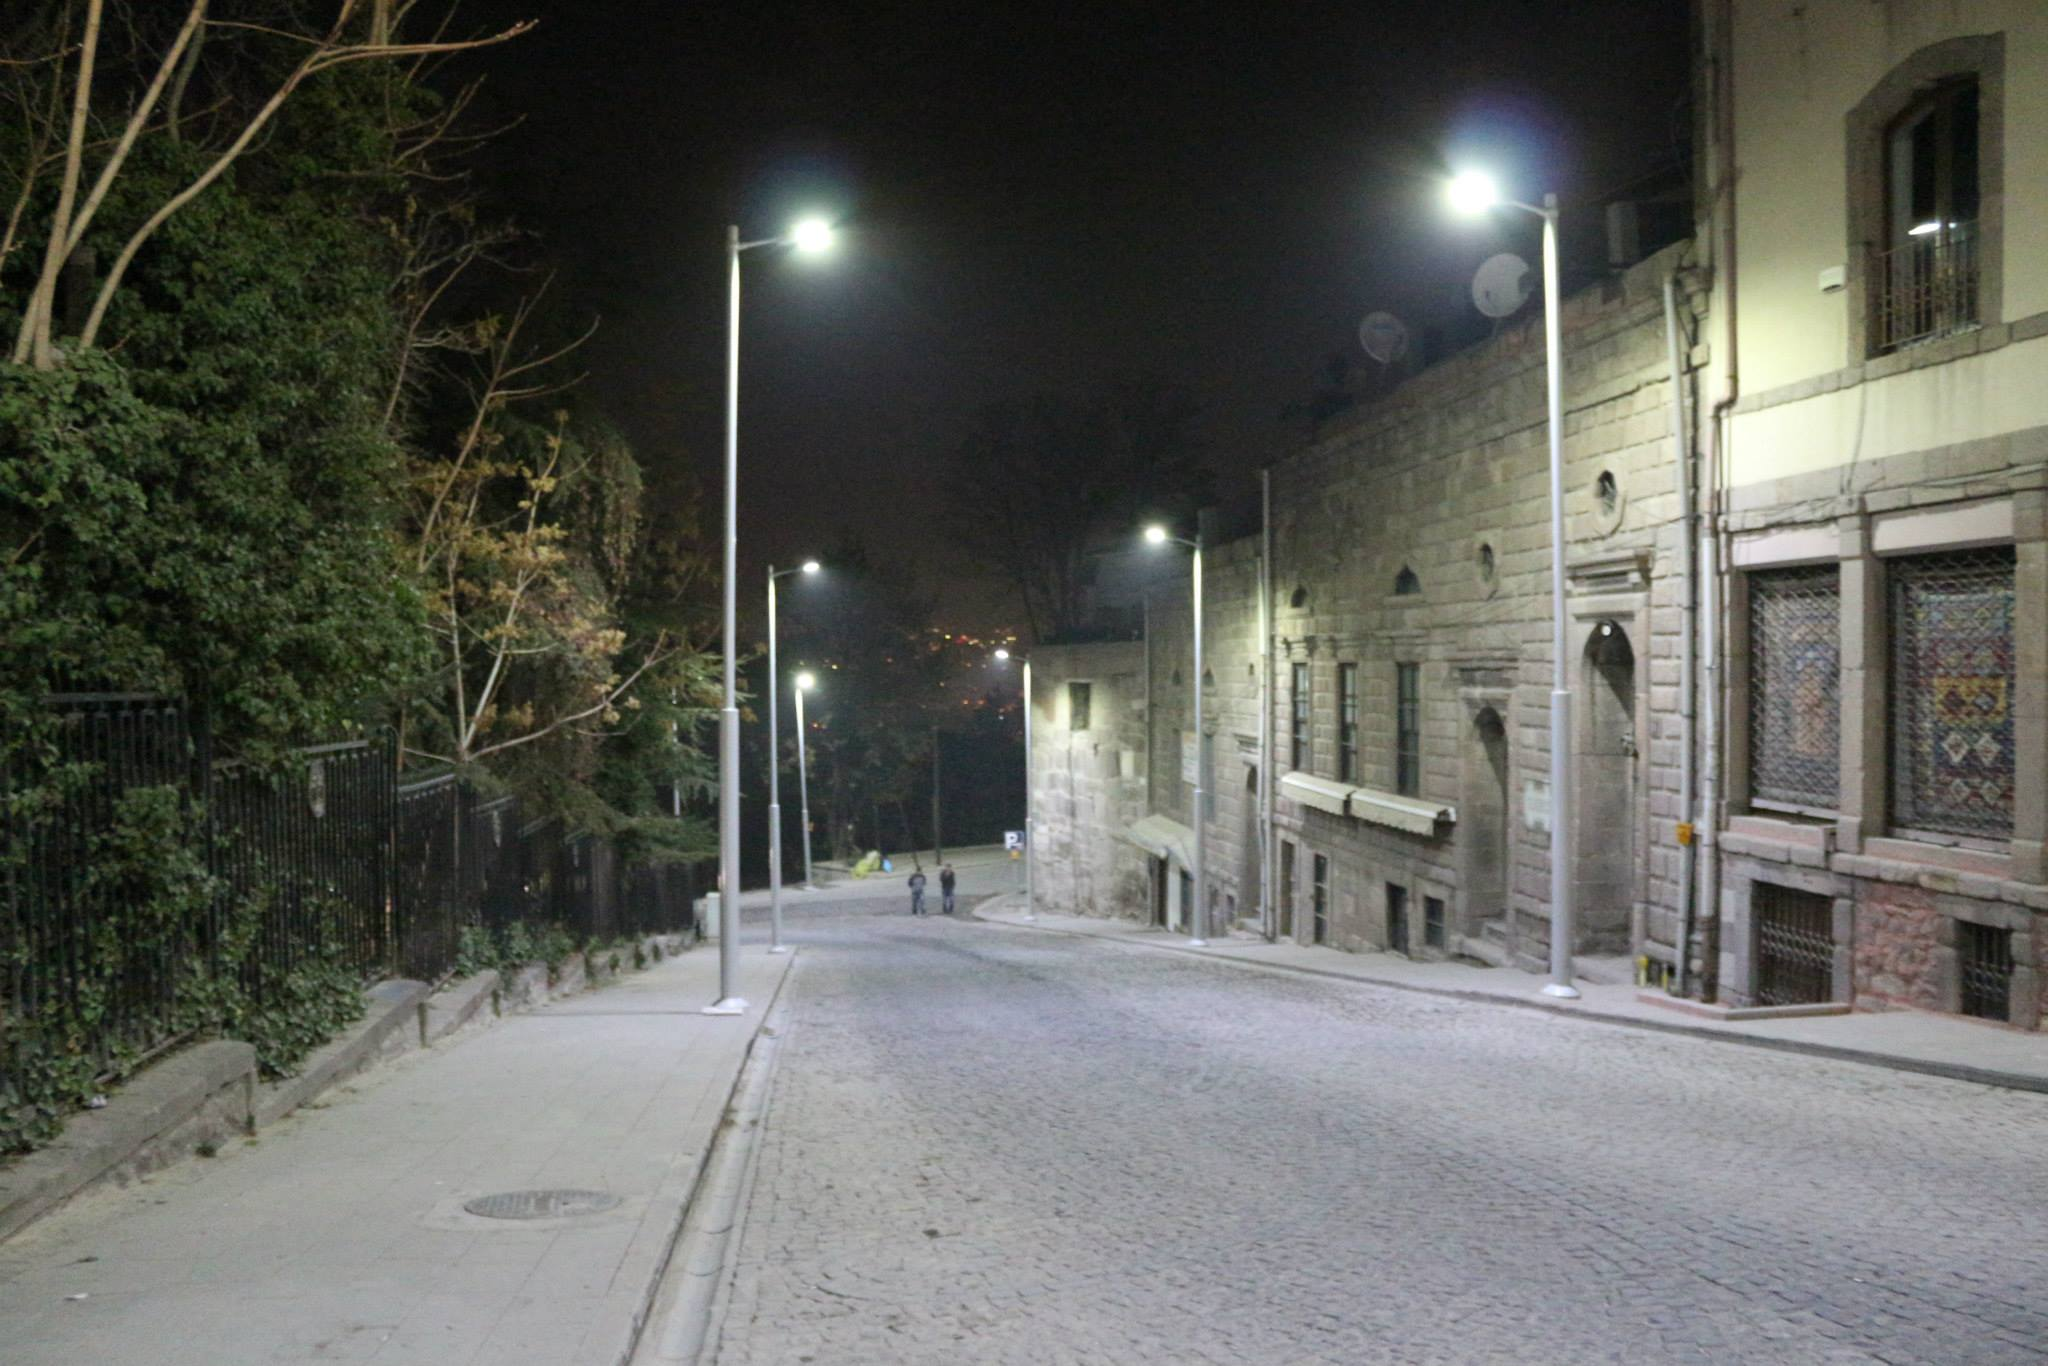 60w Led Street Light Lighting Equipment Sales